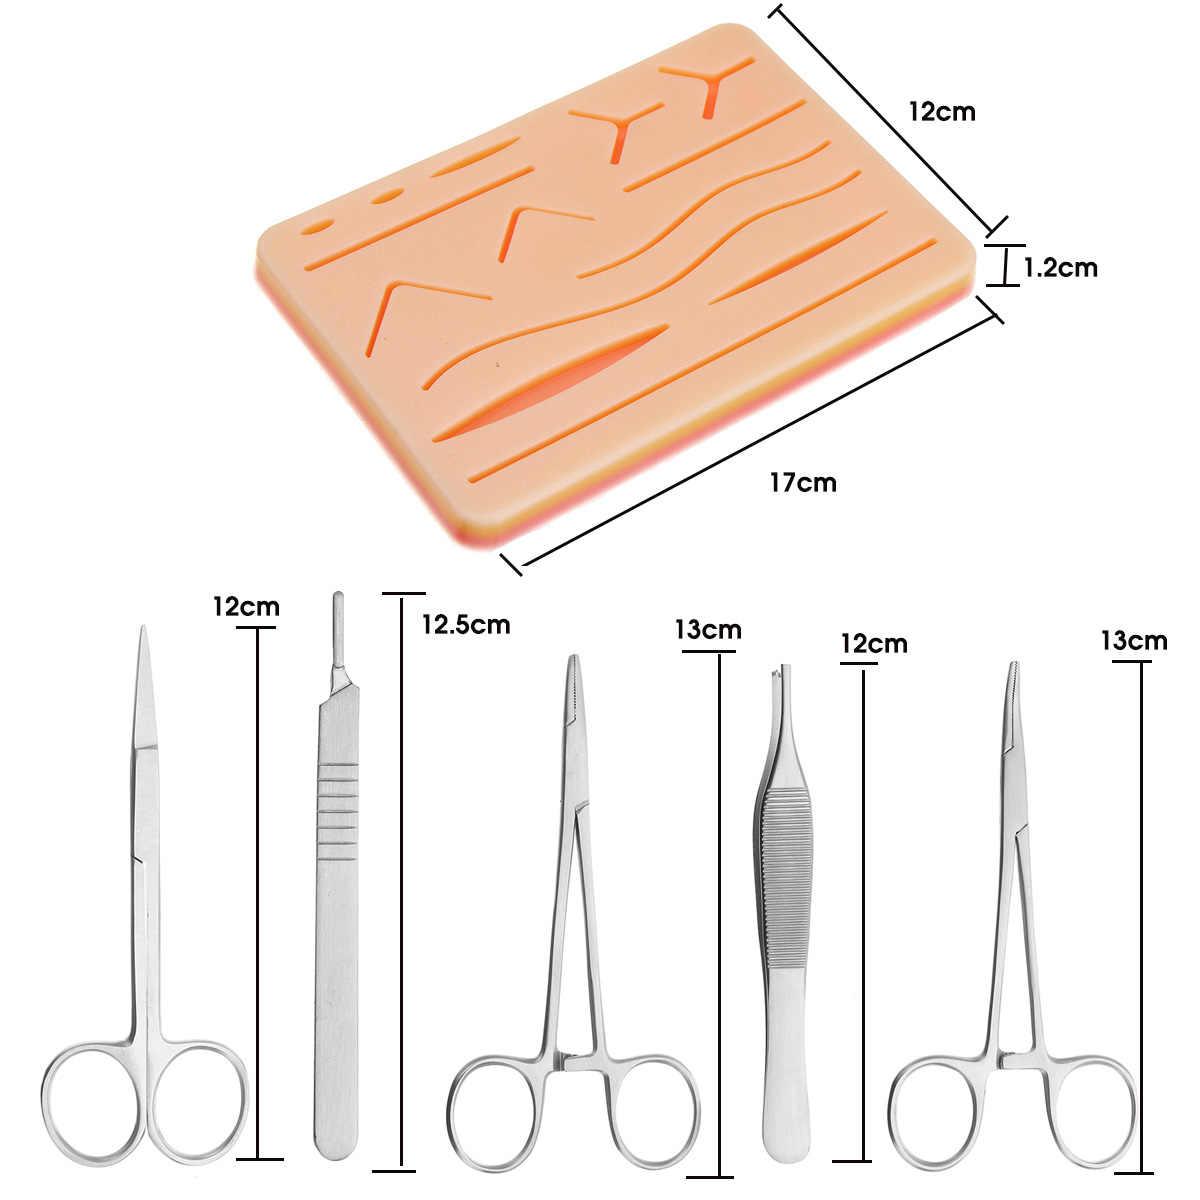 Chirurgisches Training Naht pad Praxis Menschliche Haut Medizinisches Modell